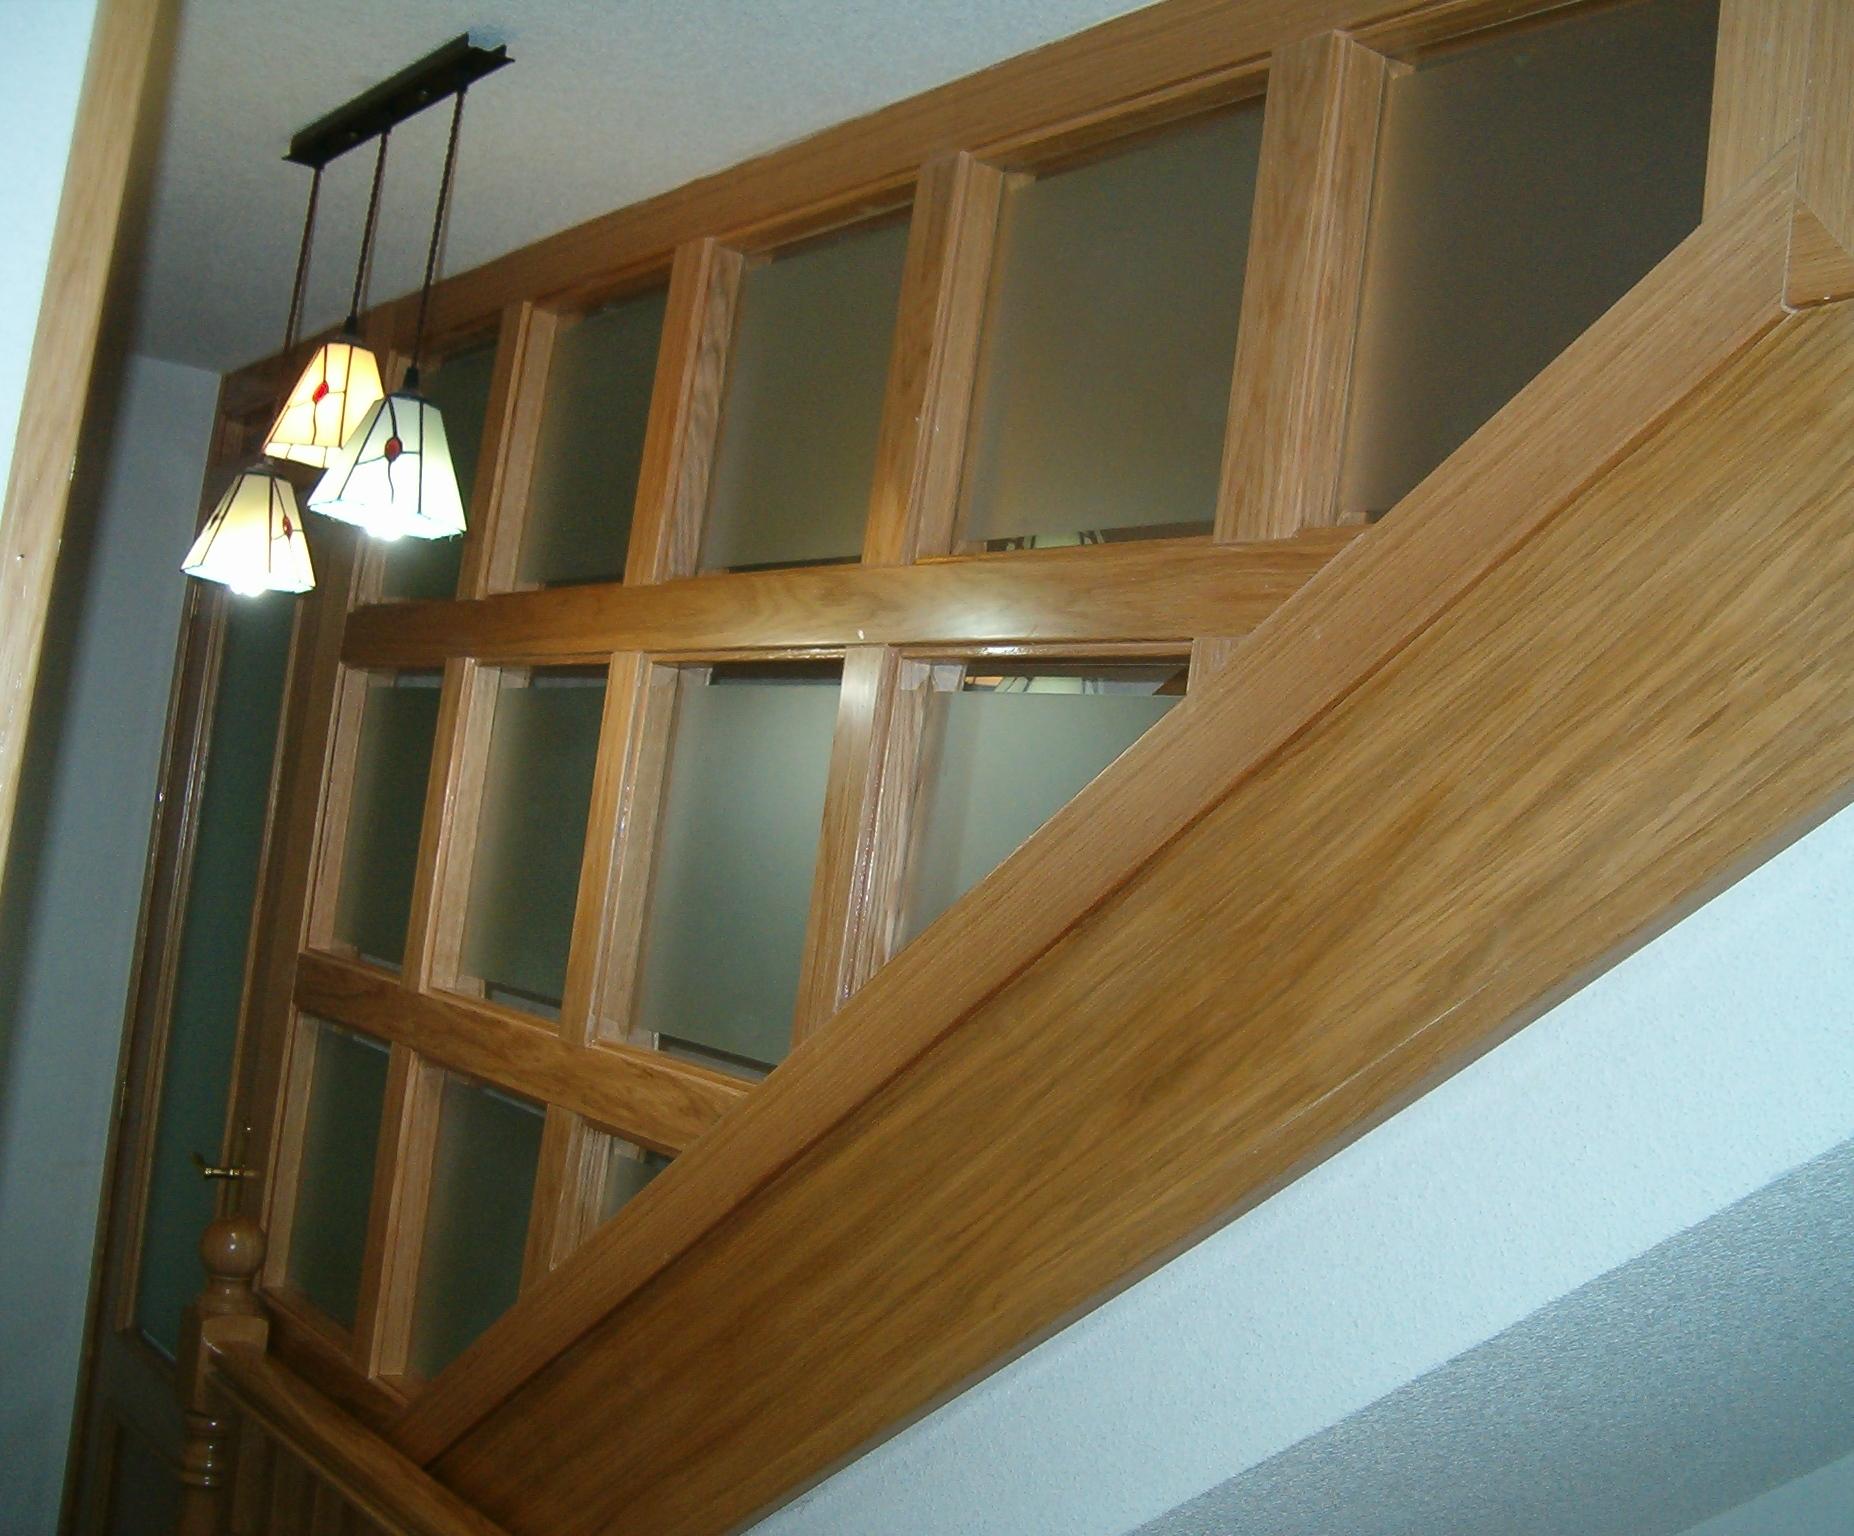 Mader vila carpinter a de madera en vila - Cerramientos de escaleras ...